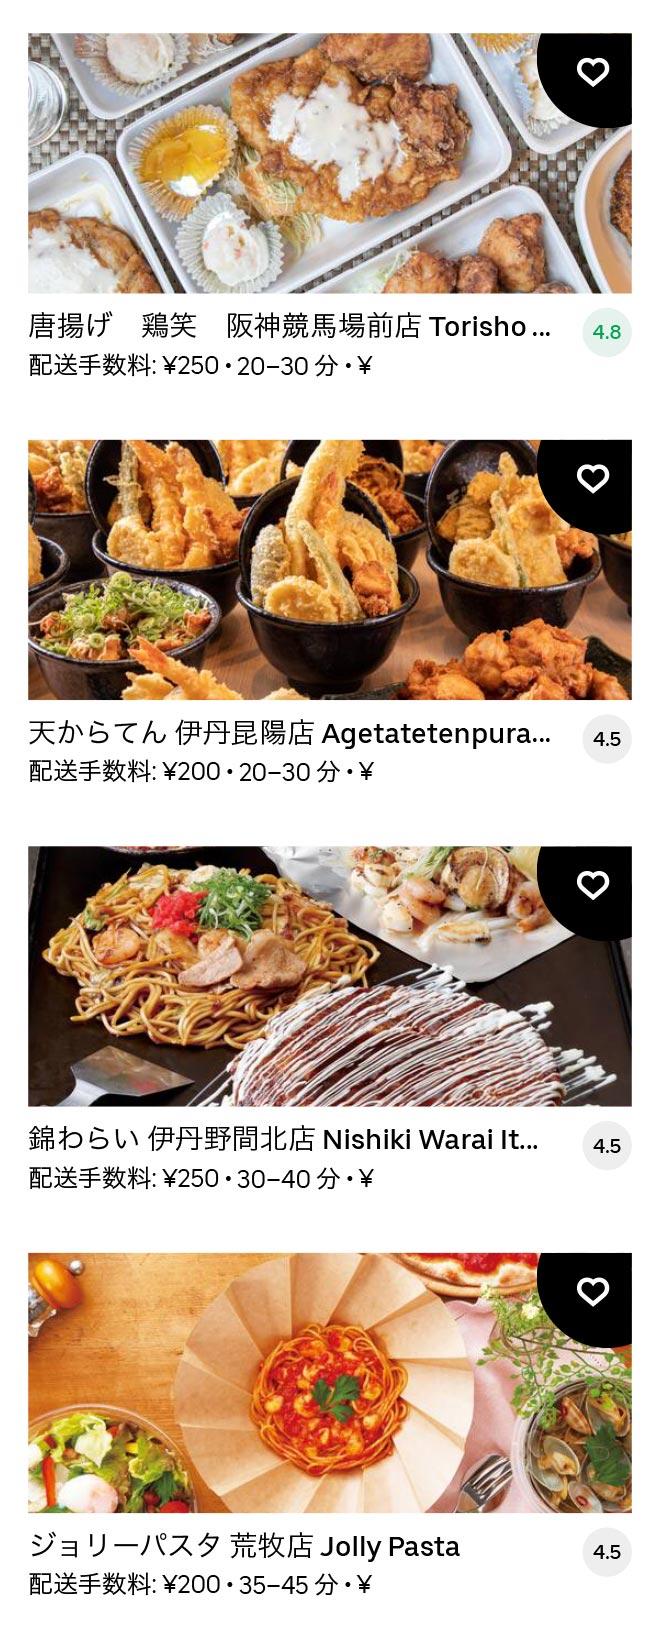 Itami nakano menu 2011 06